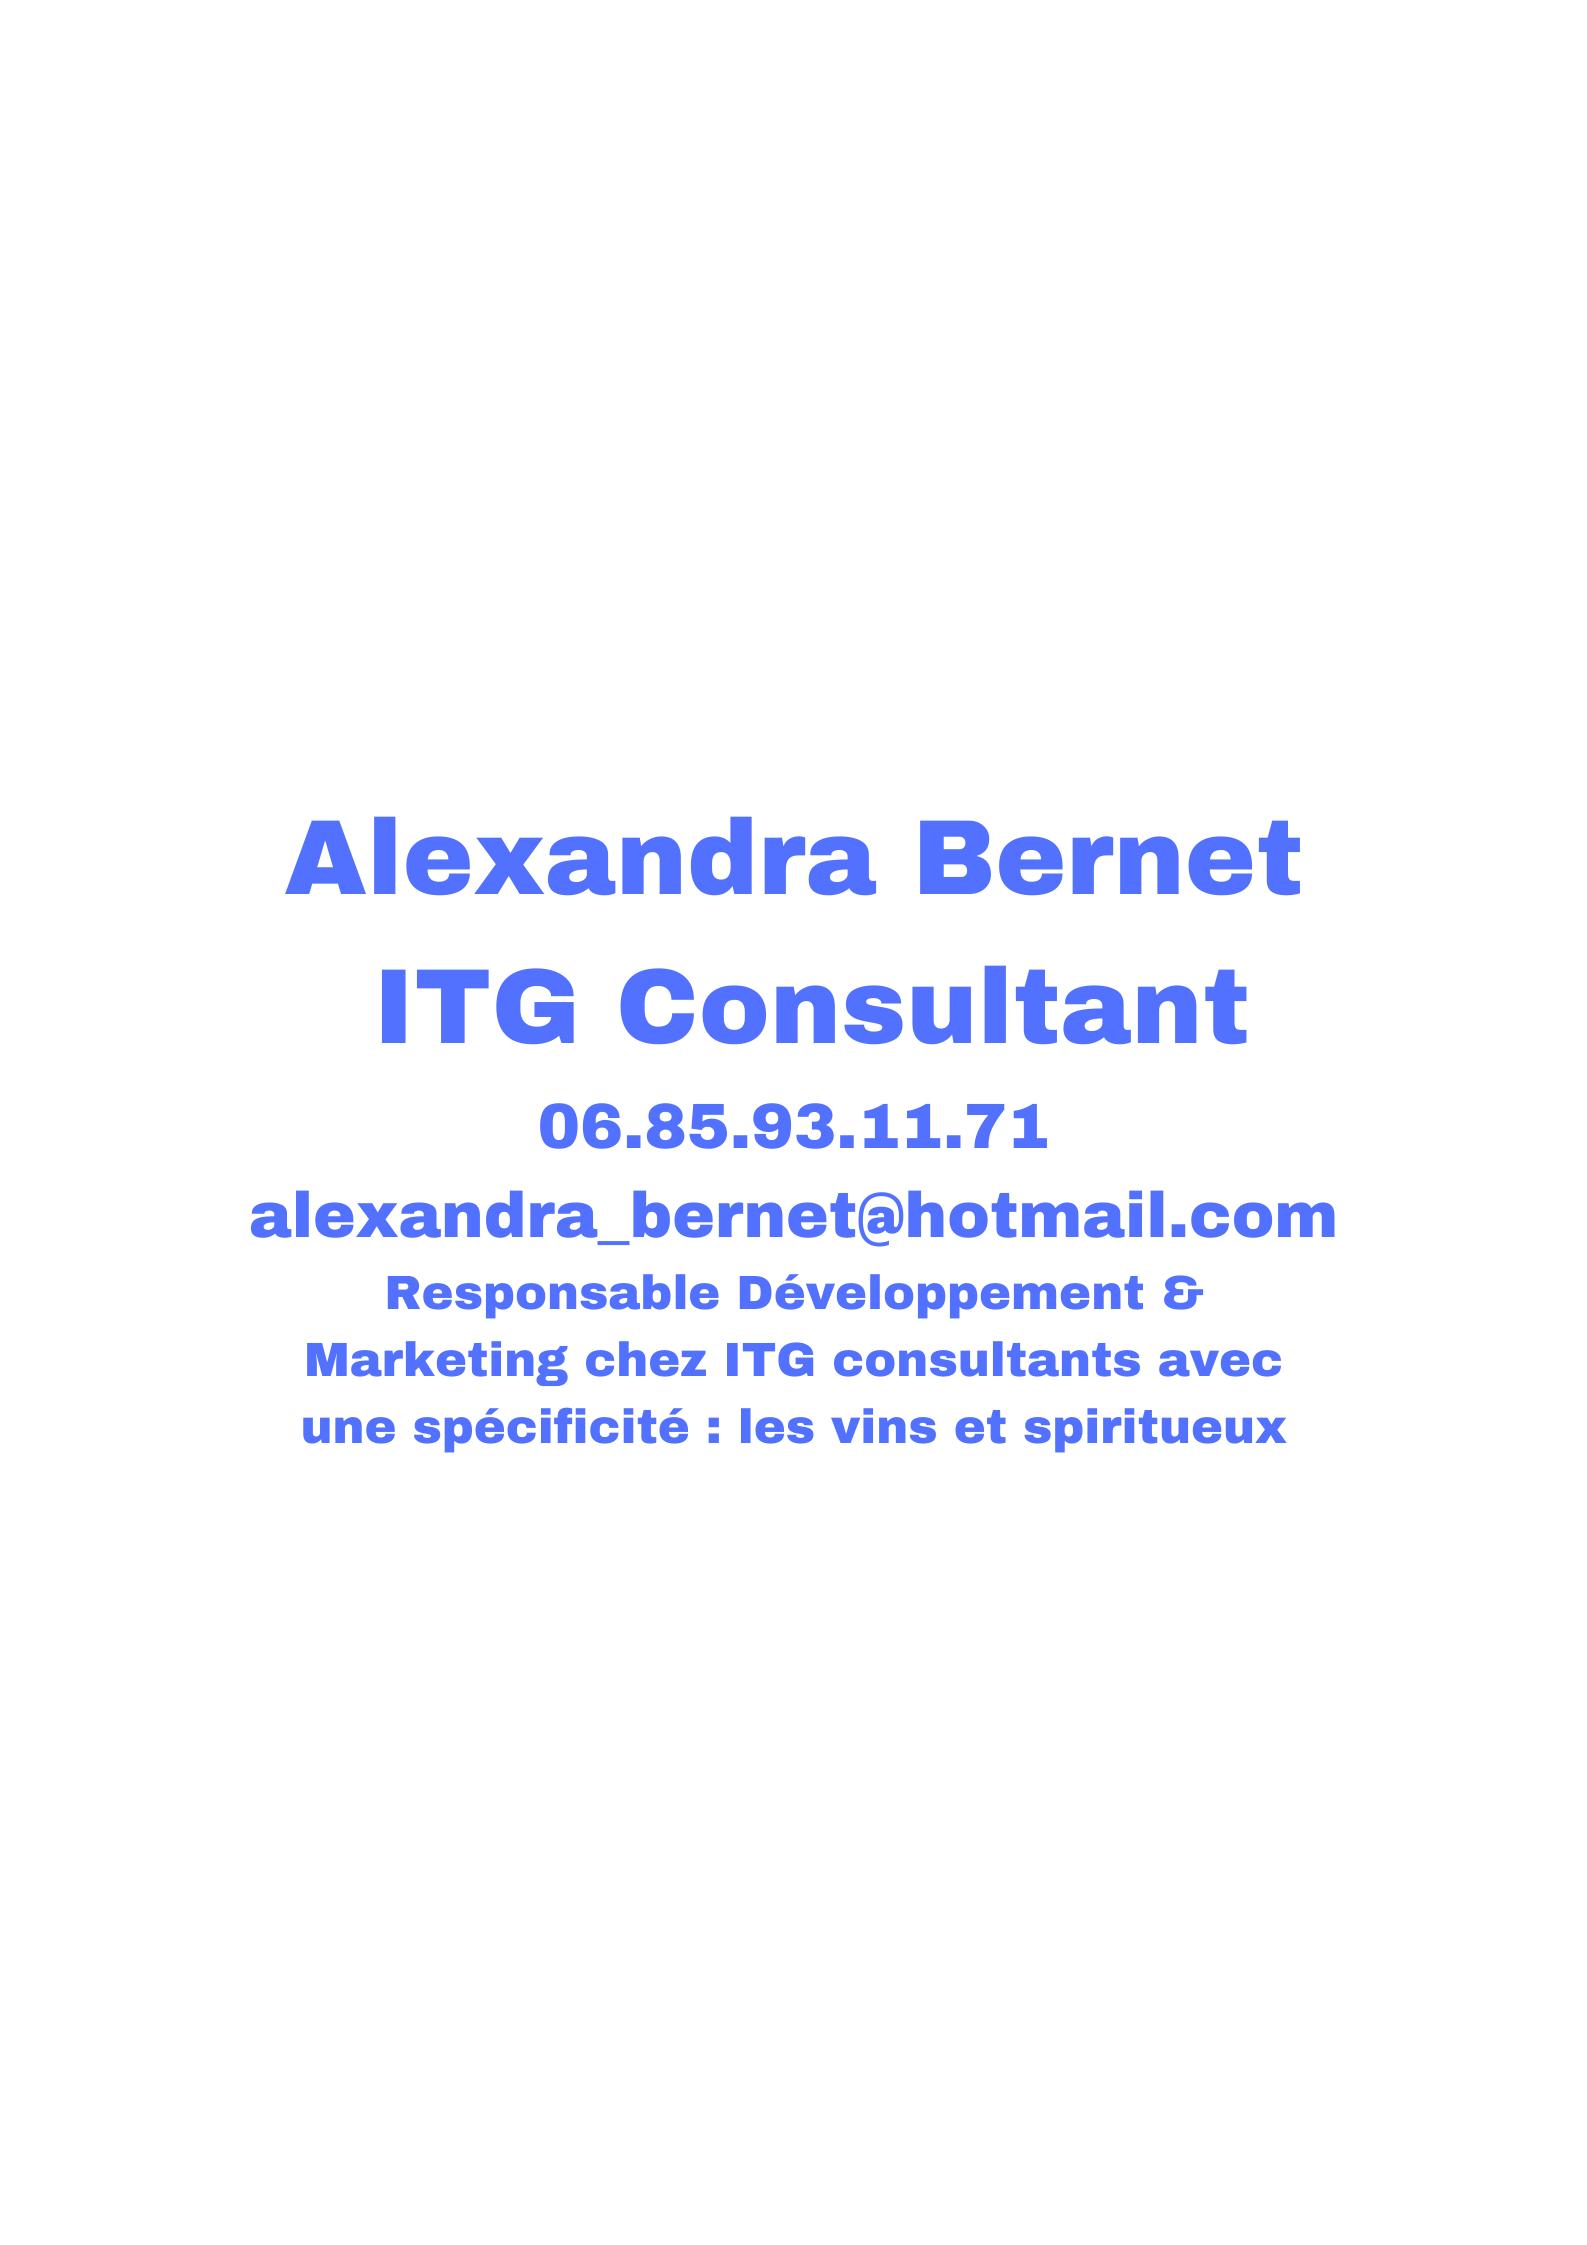 ITG Consultant